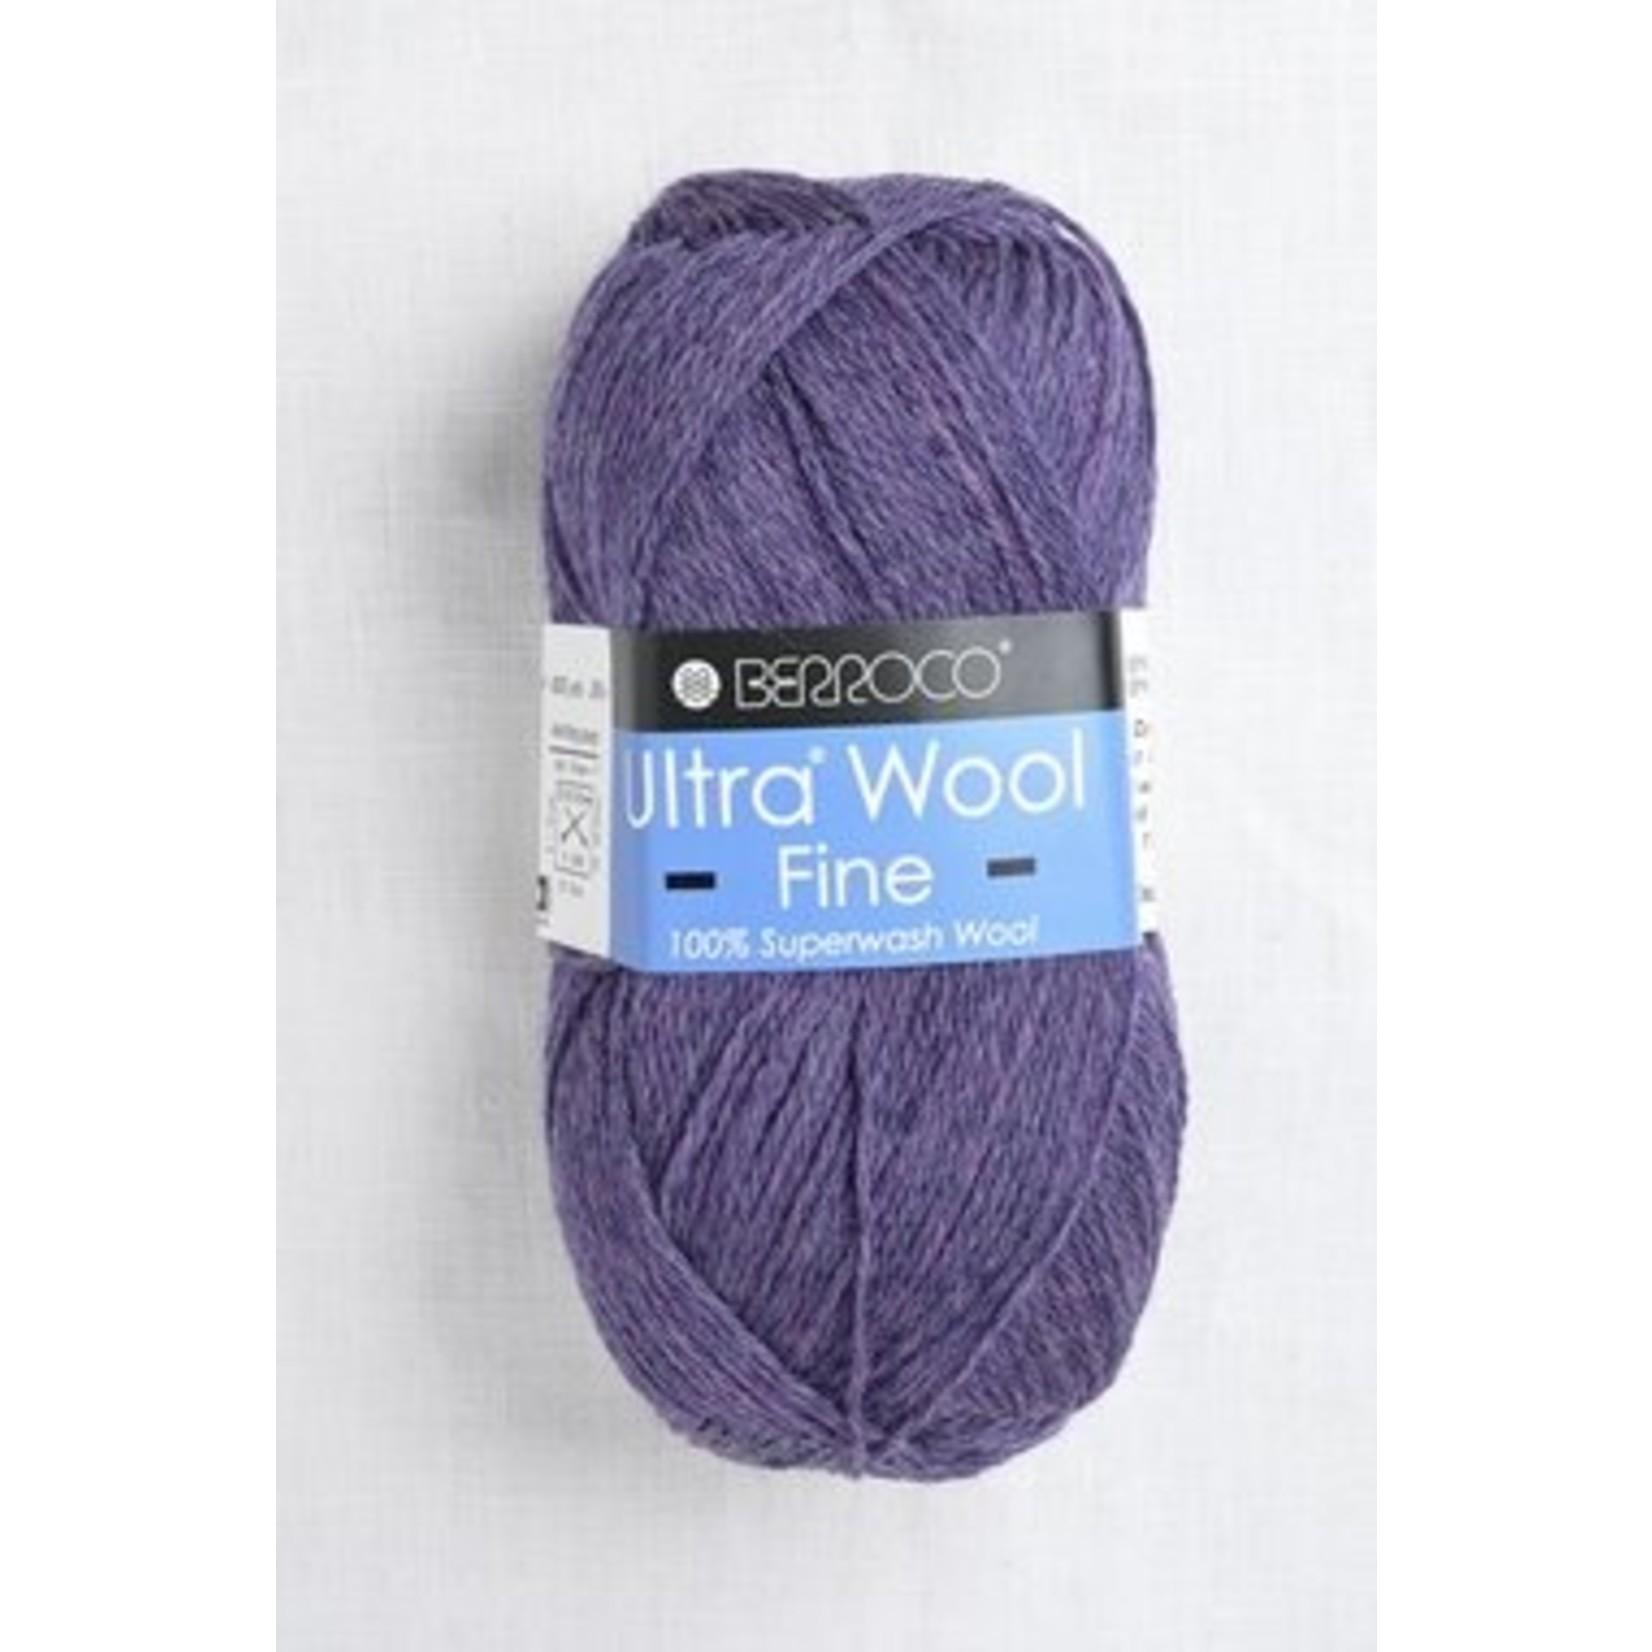 Berroco Berroco Ultra Wool Fine, 53157, Lavender